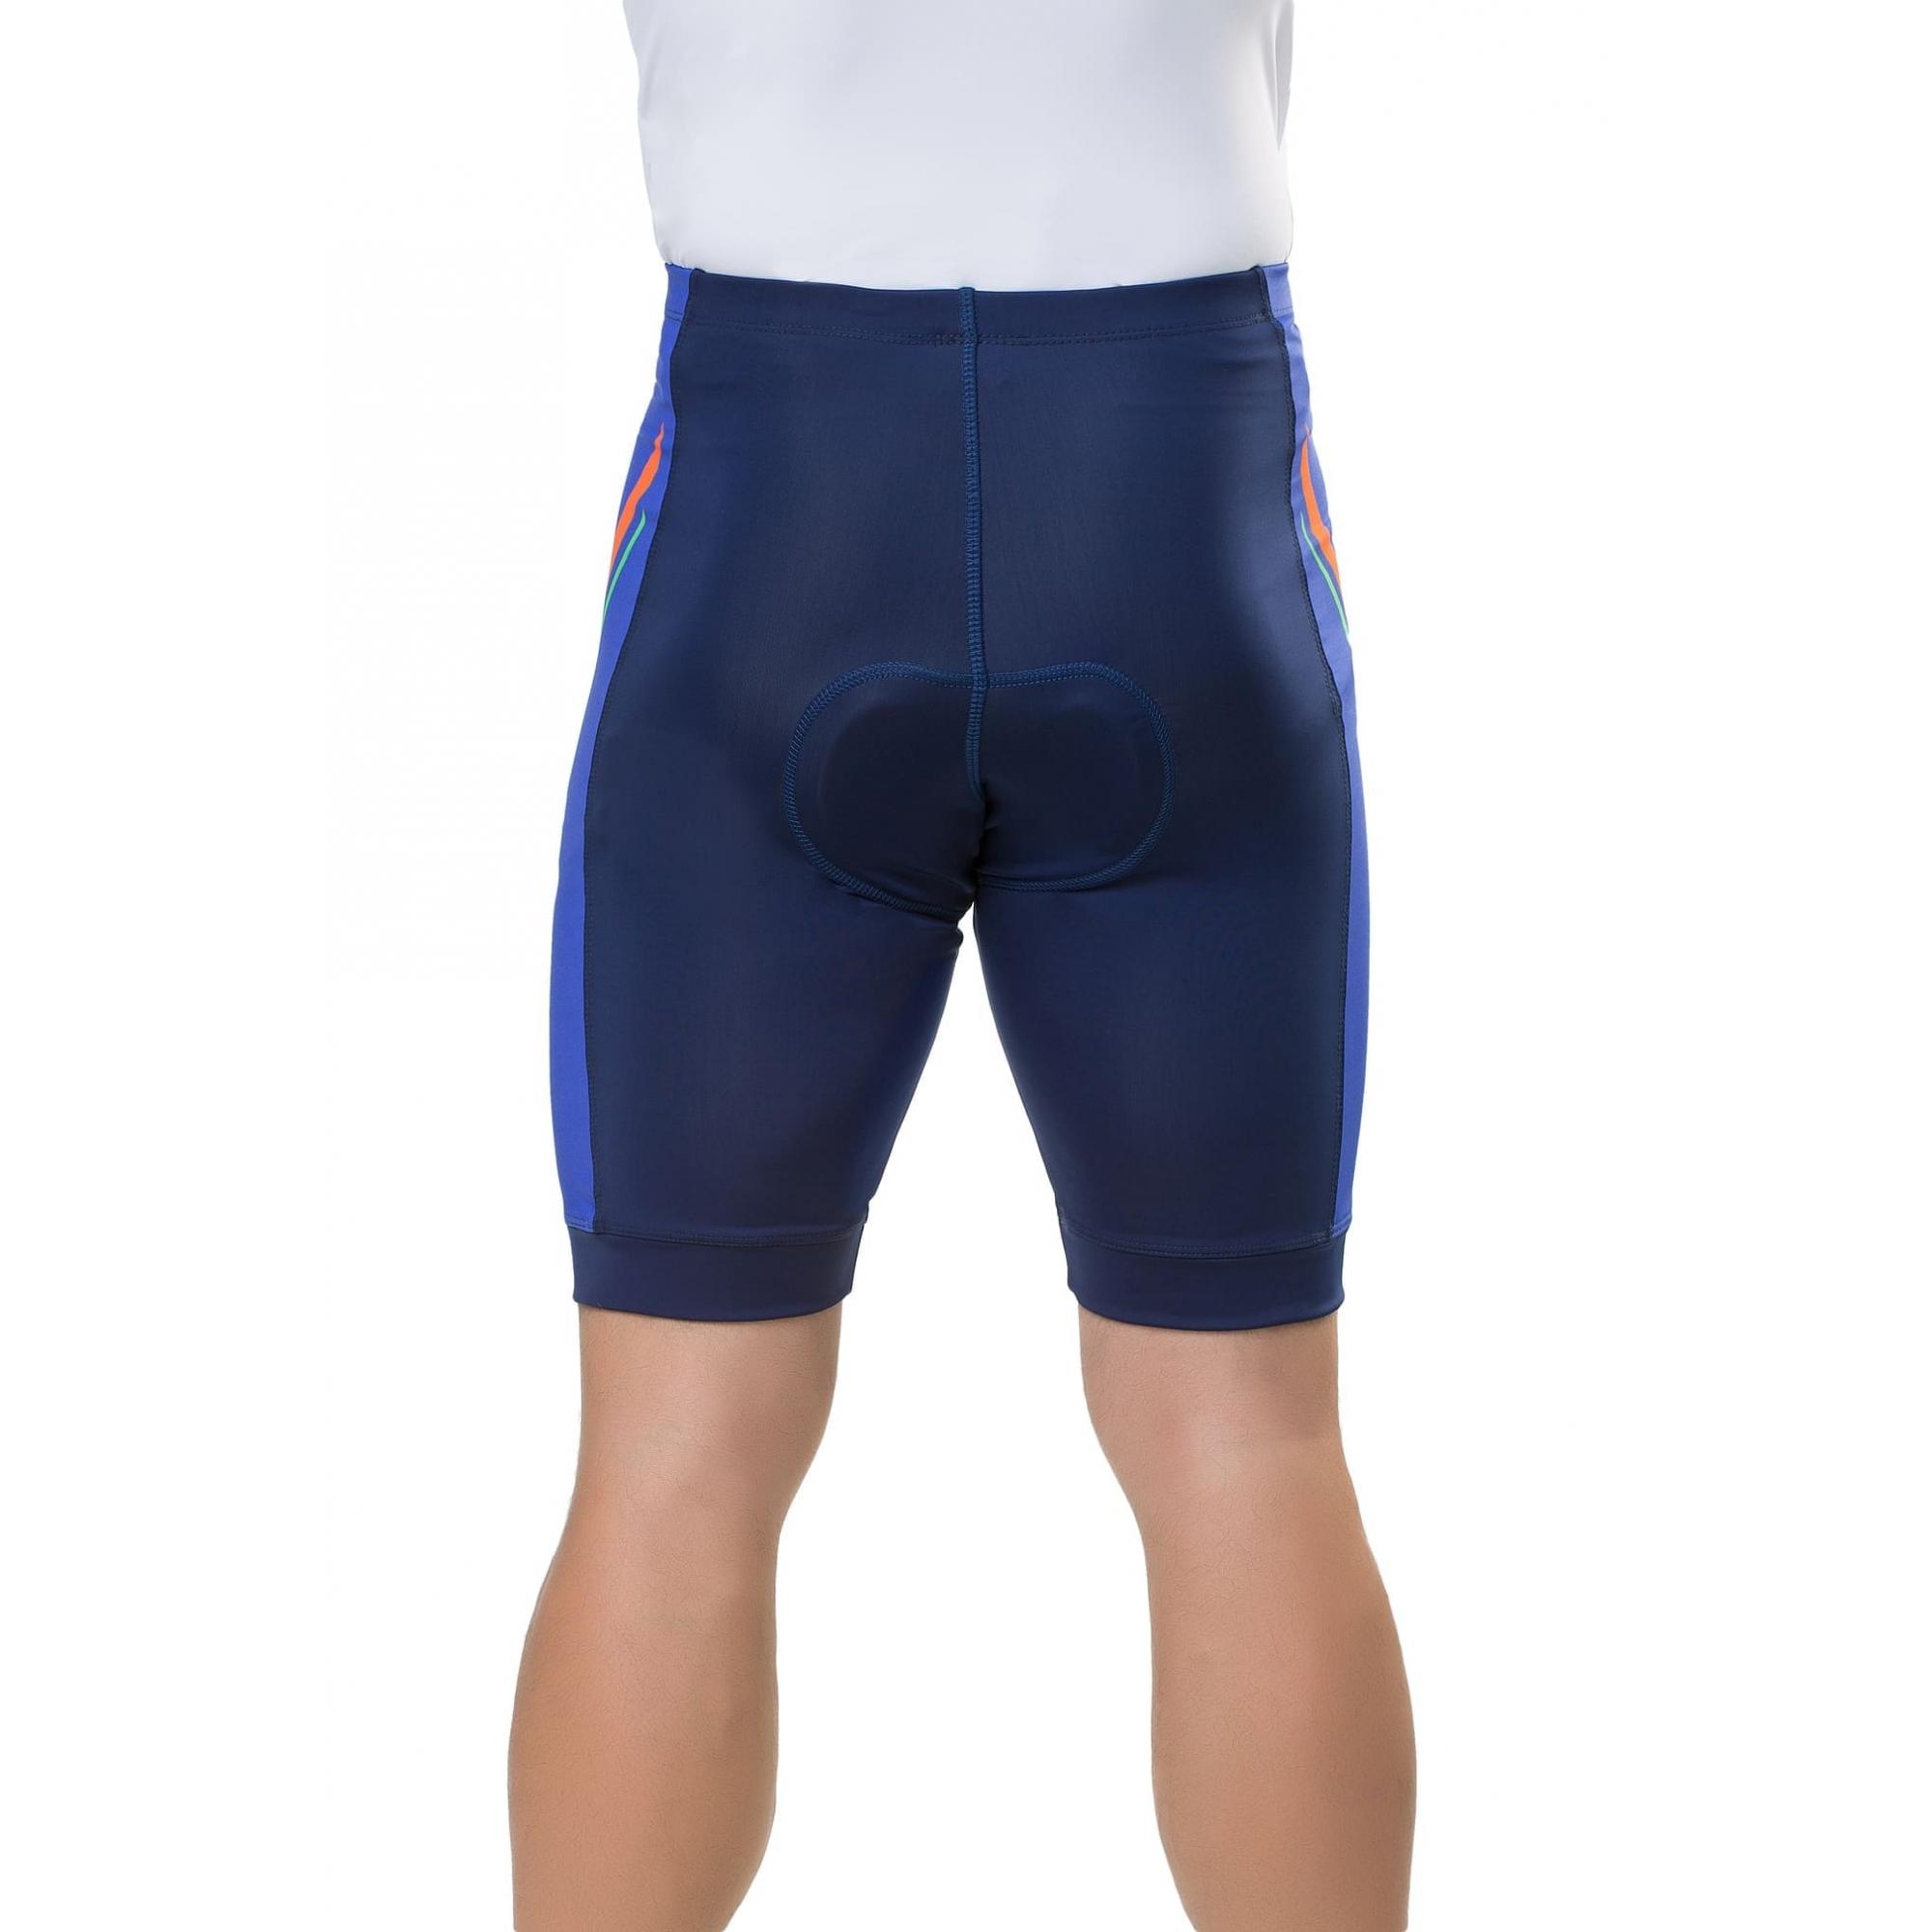 Bermuda Para Ciclismo com Forro de Espuma Masculina Elite Marinho/Royal